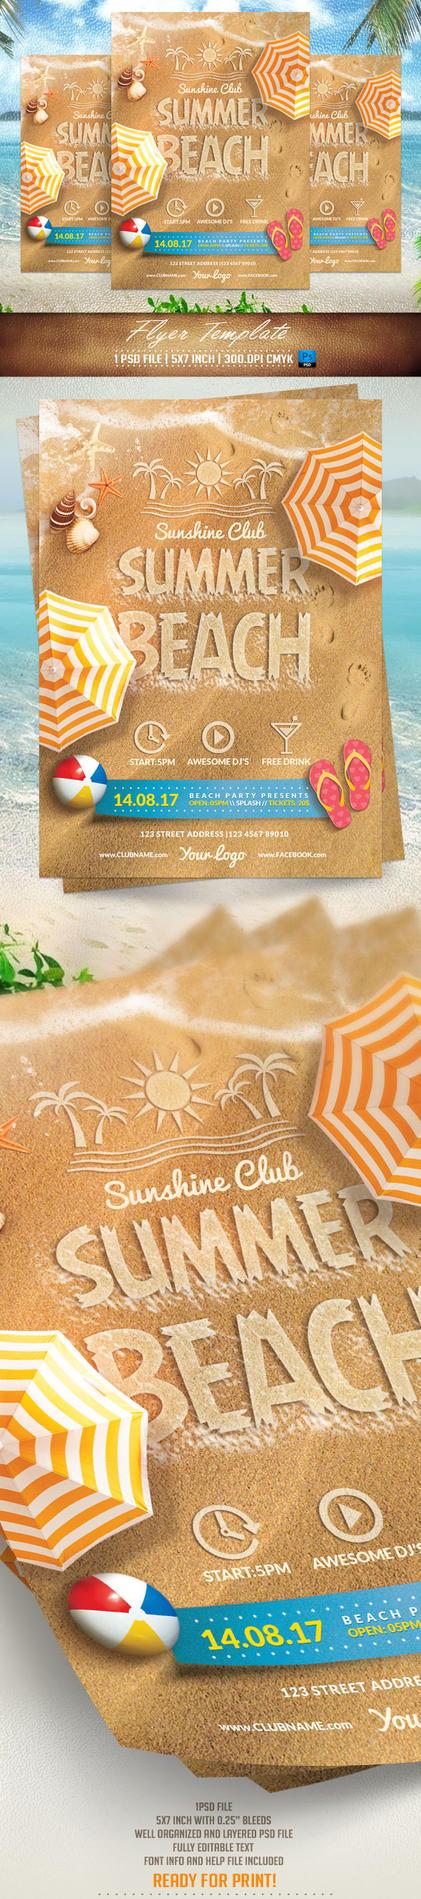 Summer Beach Flyer Template by BriellDesign